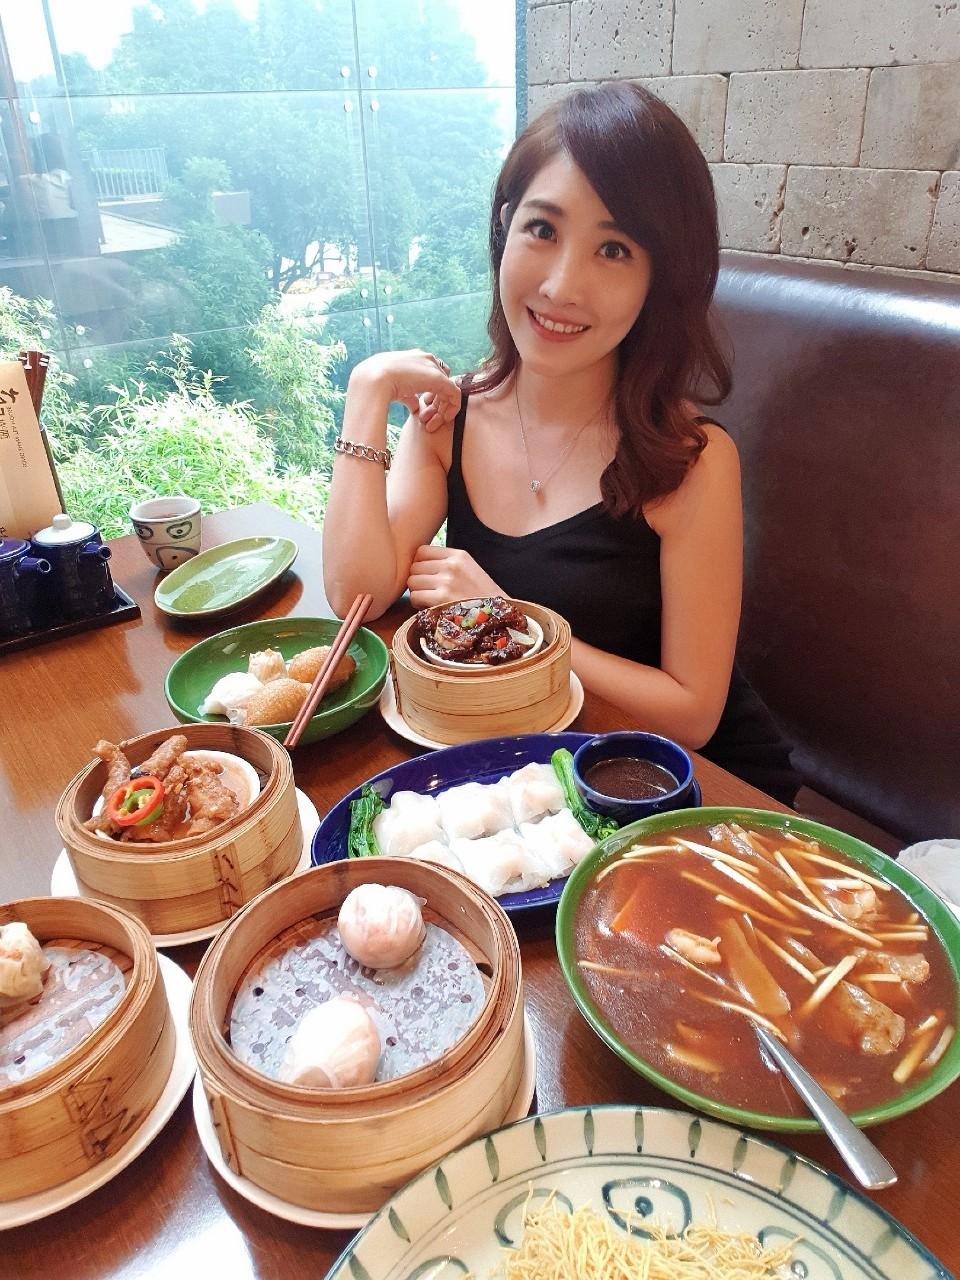 ▲東莞飲茶餐廳「茶居」可欣賞湖景又能品嘗美食,美味可口的「叉燒肉」,也是來到廣東吃燒臘絕對是必點清單。